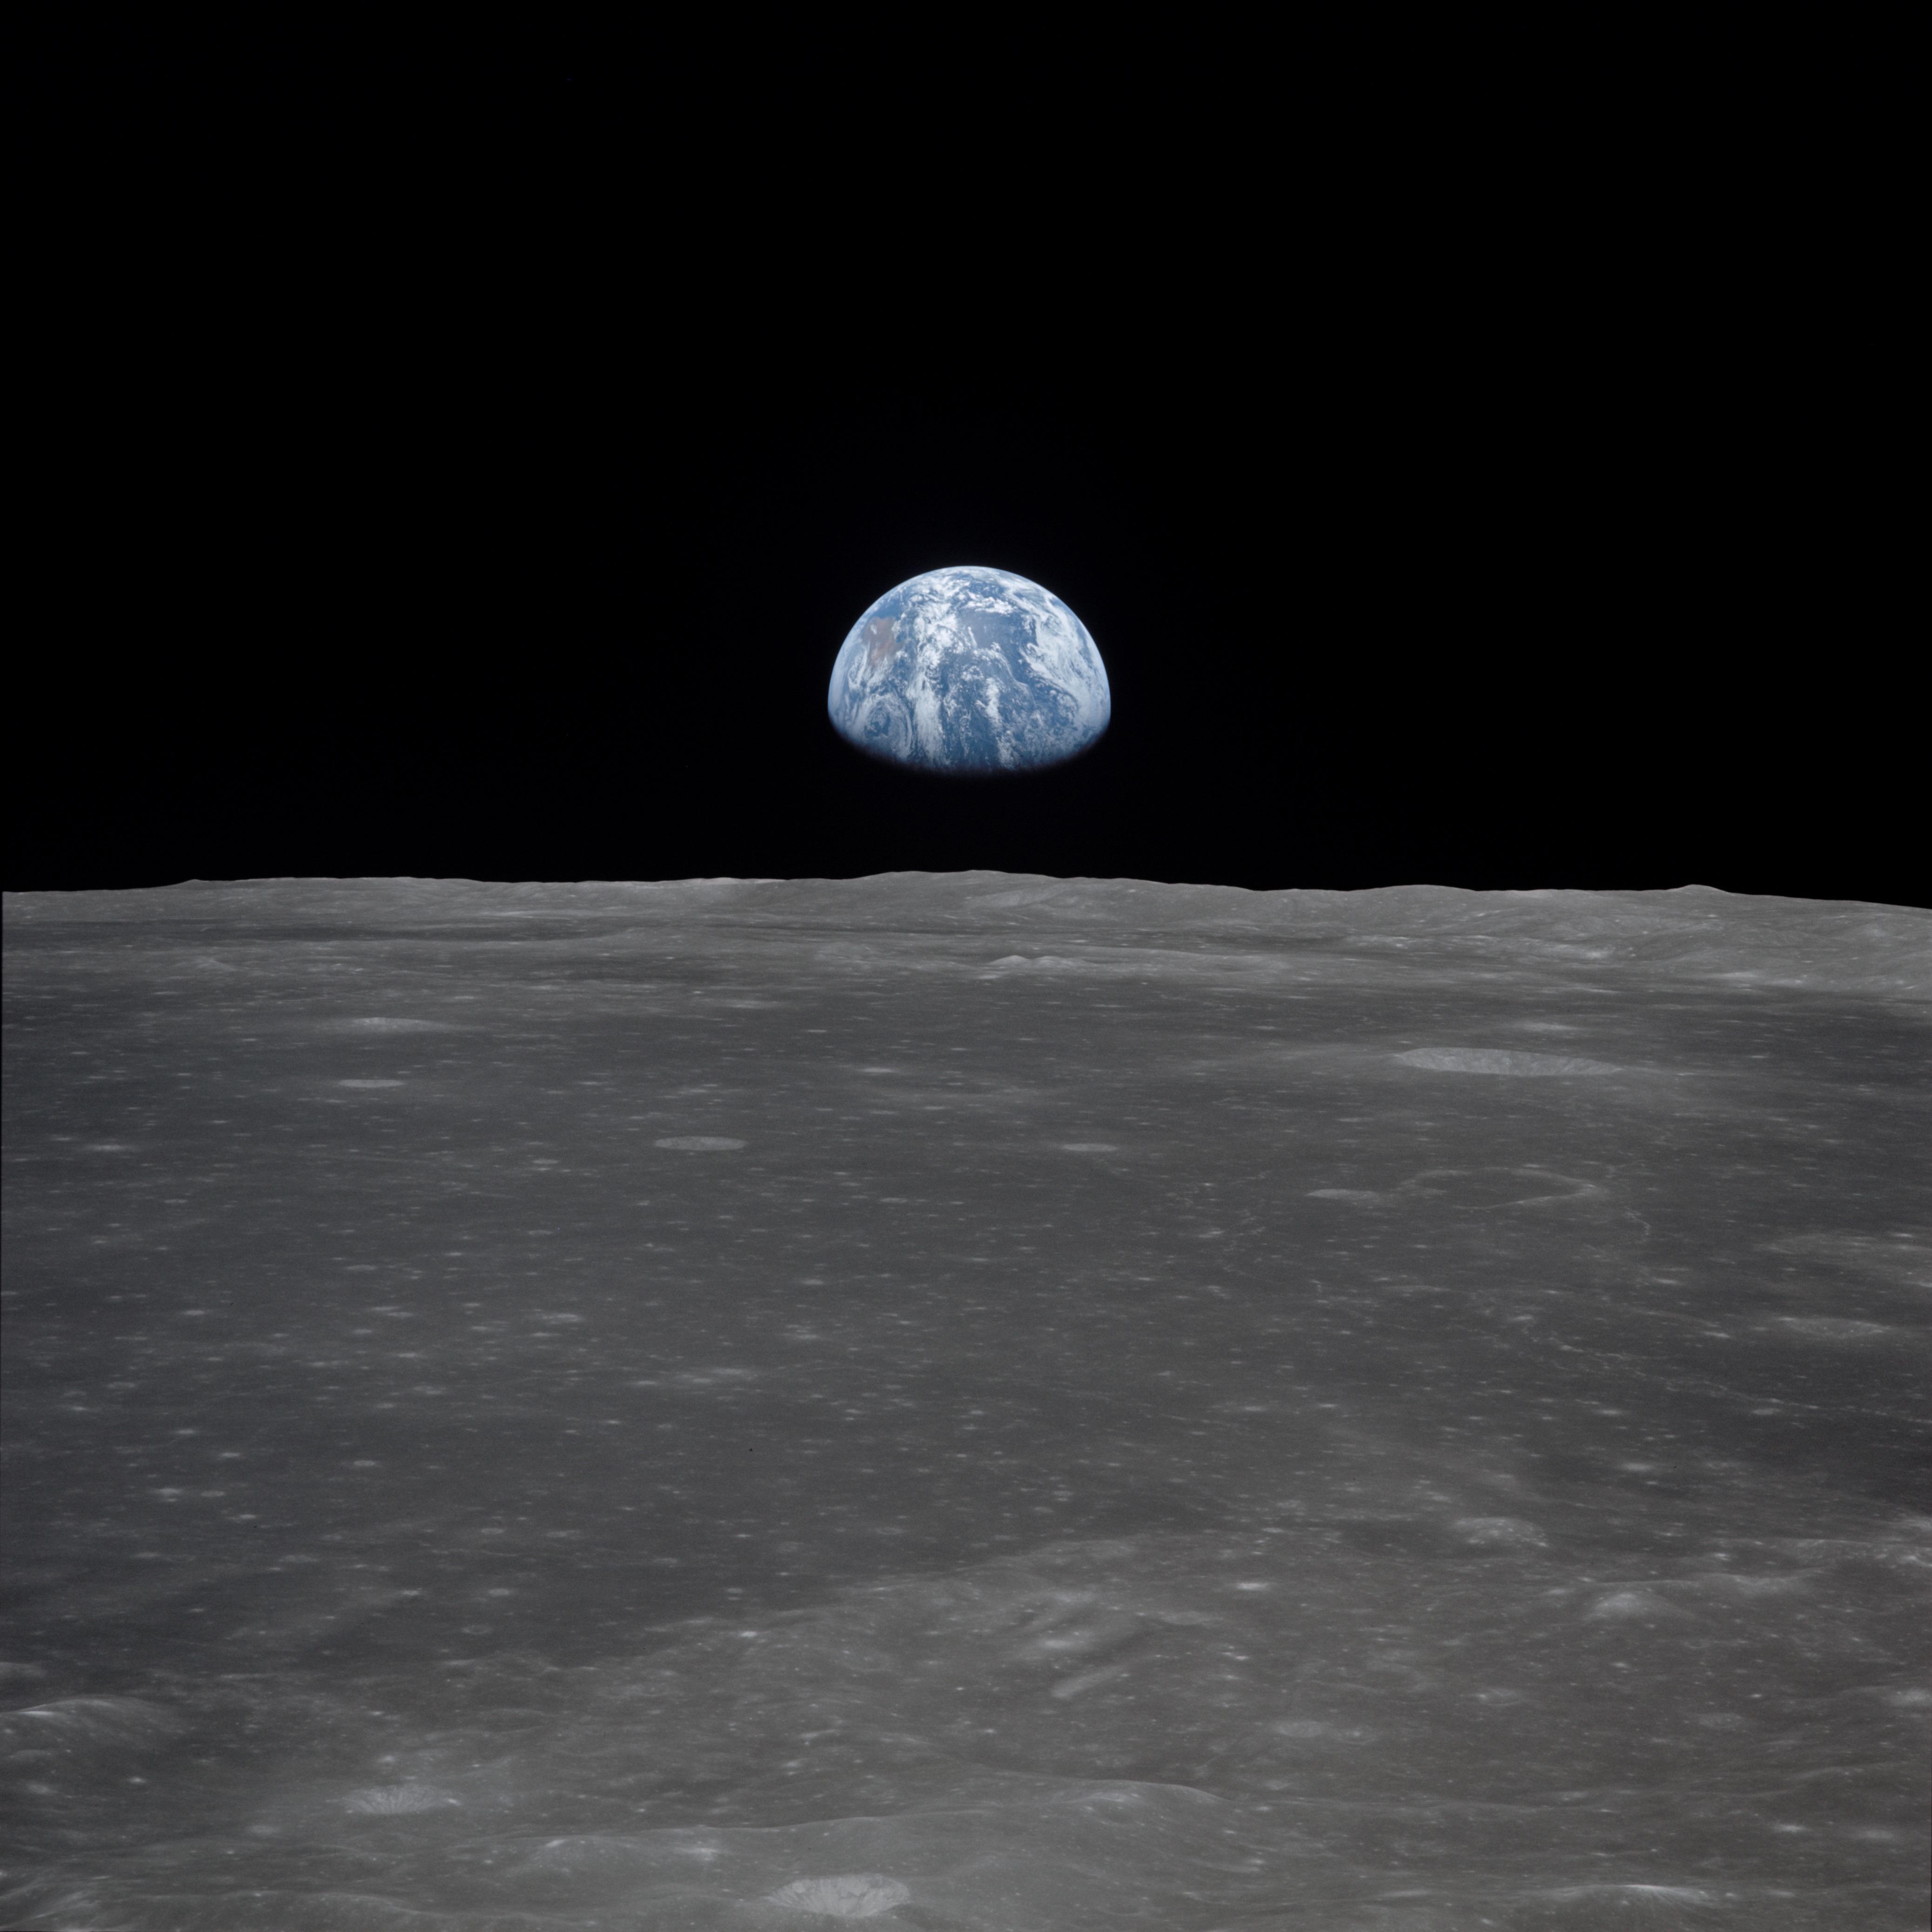 Le jour où Neil Armstrong et Buzz Aldrin ont marché sur la lune